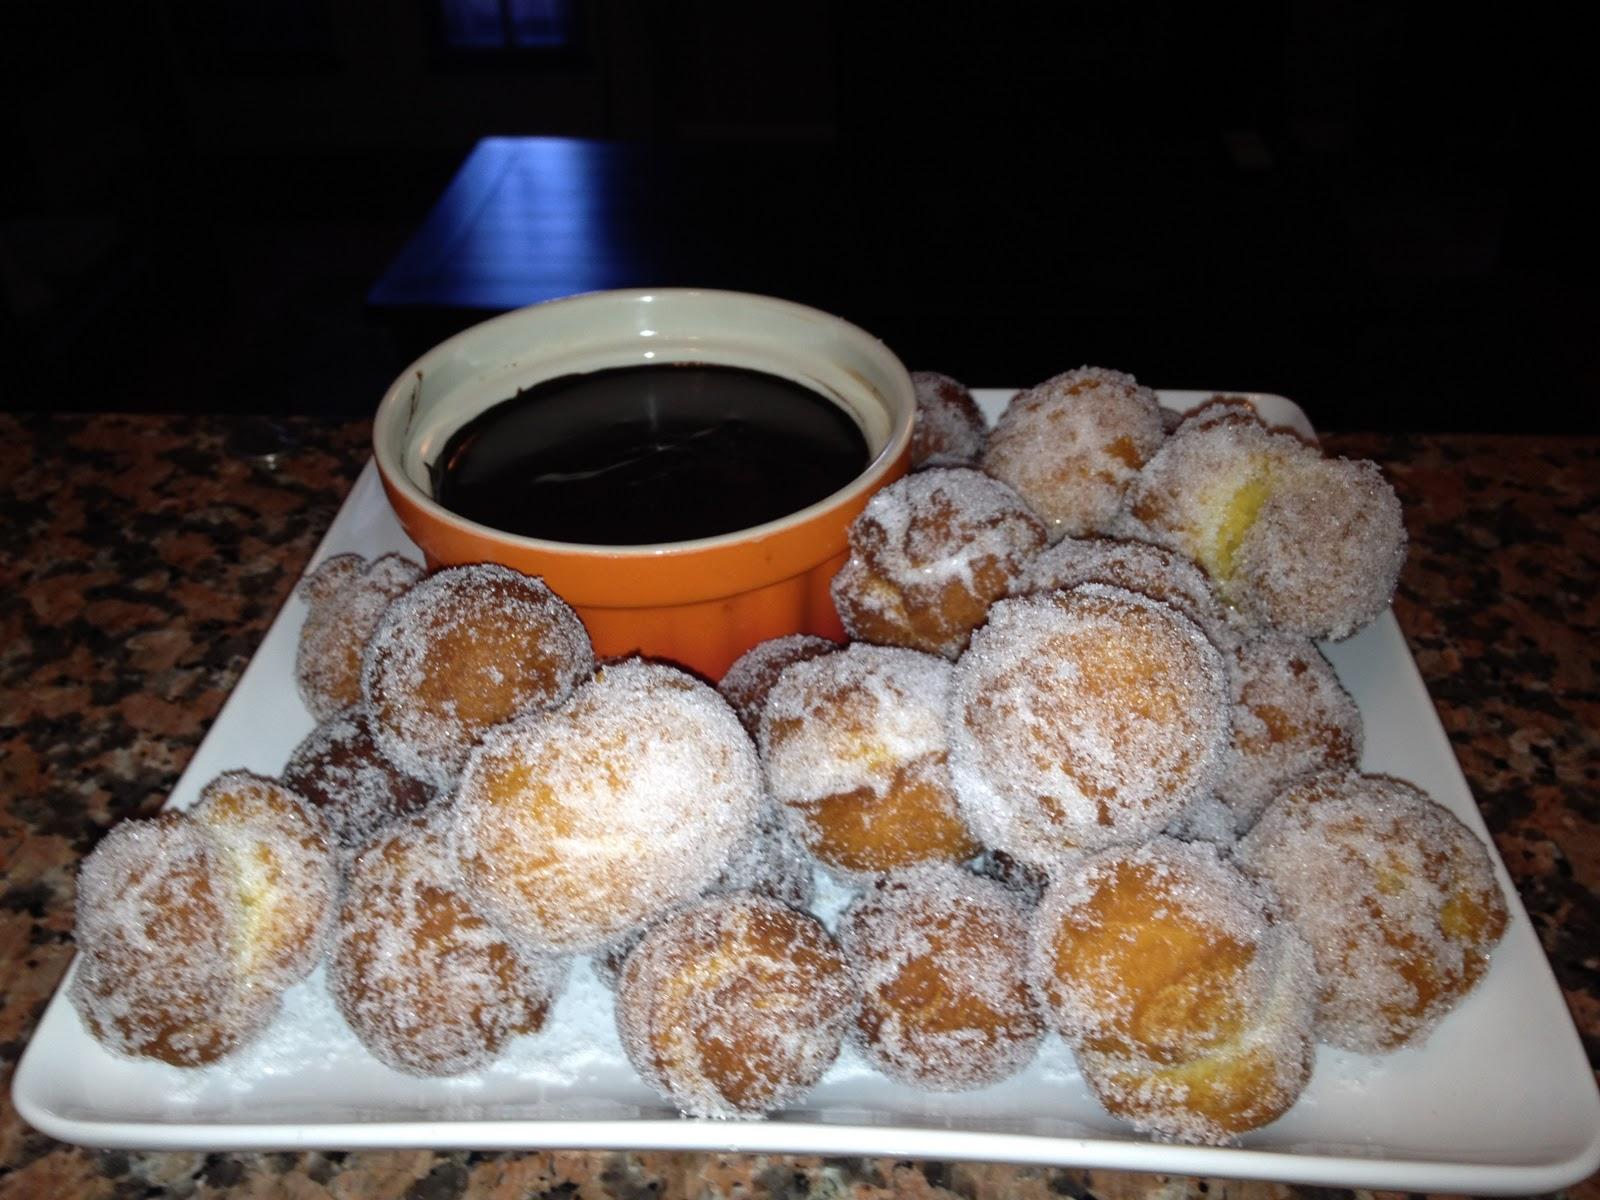 Fried Zeppole with Chocolate Espresso Sauce